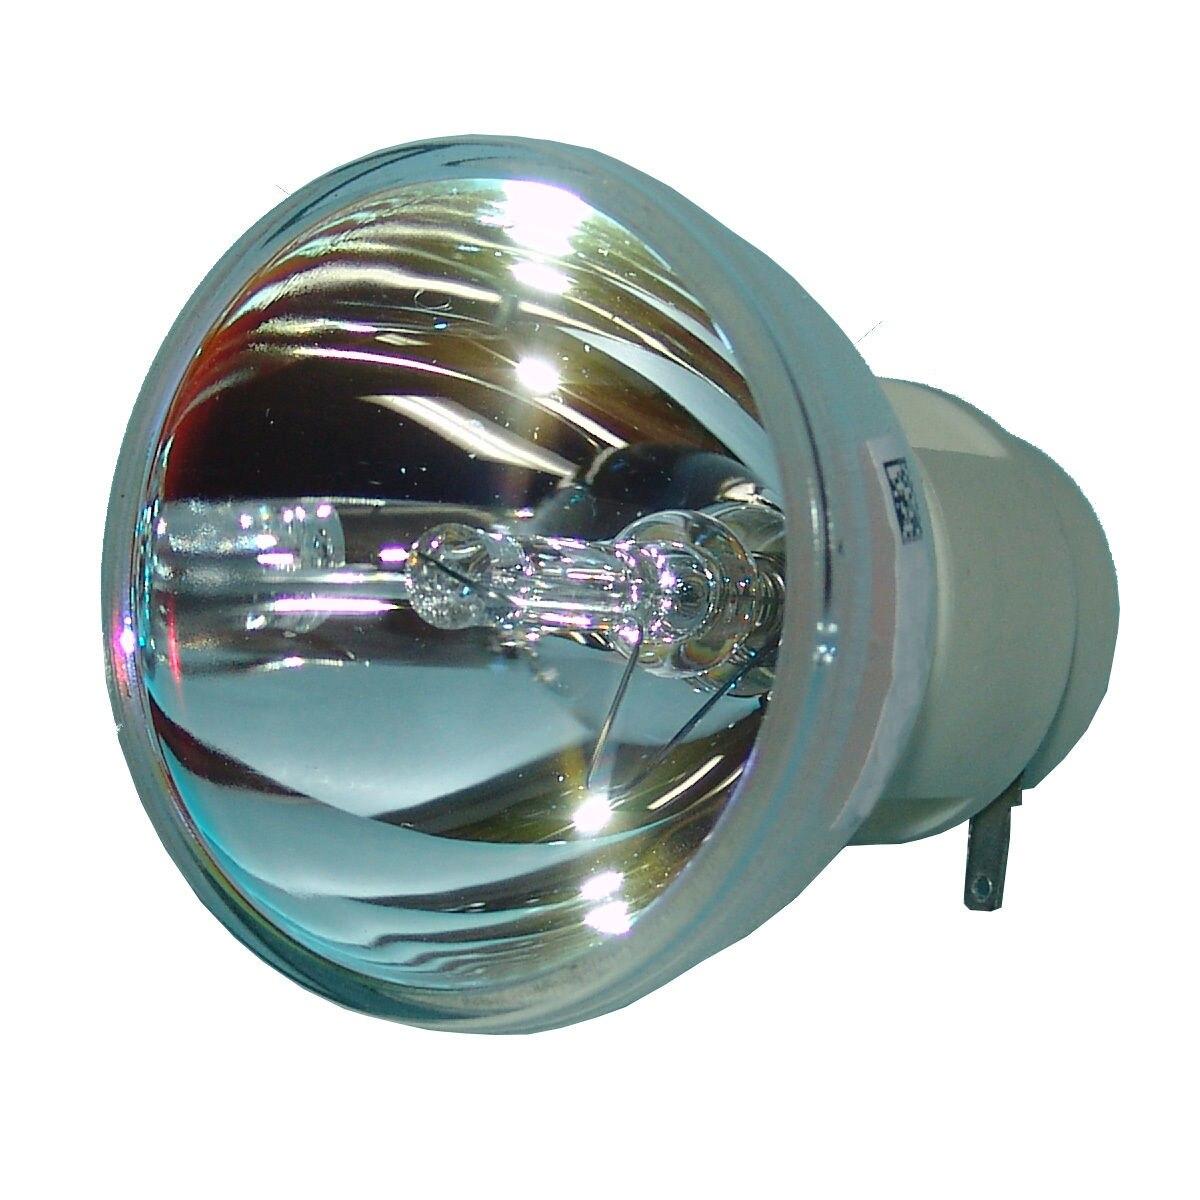 VLT-XD560LP VLTXD560LP for MITSUBISHI GH-670/GW-360ST/GW-365ST/GW-370ST/GW-385ST/GW-665 Projector Lamp Bulb without housing st